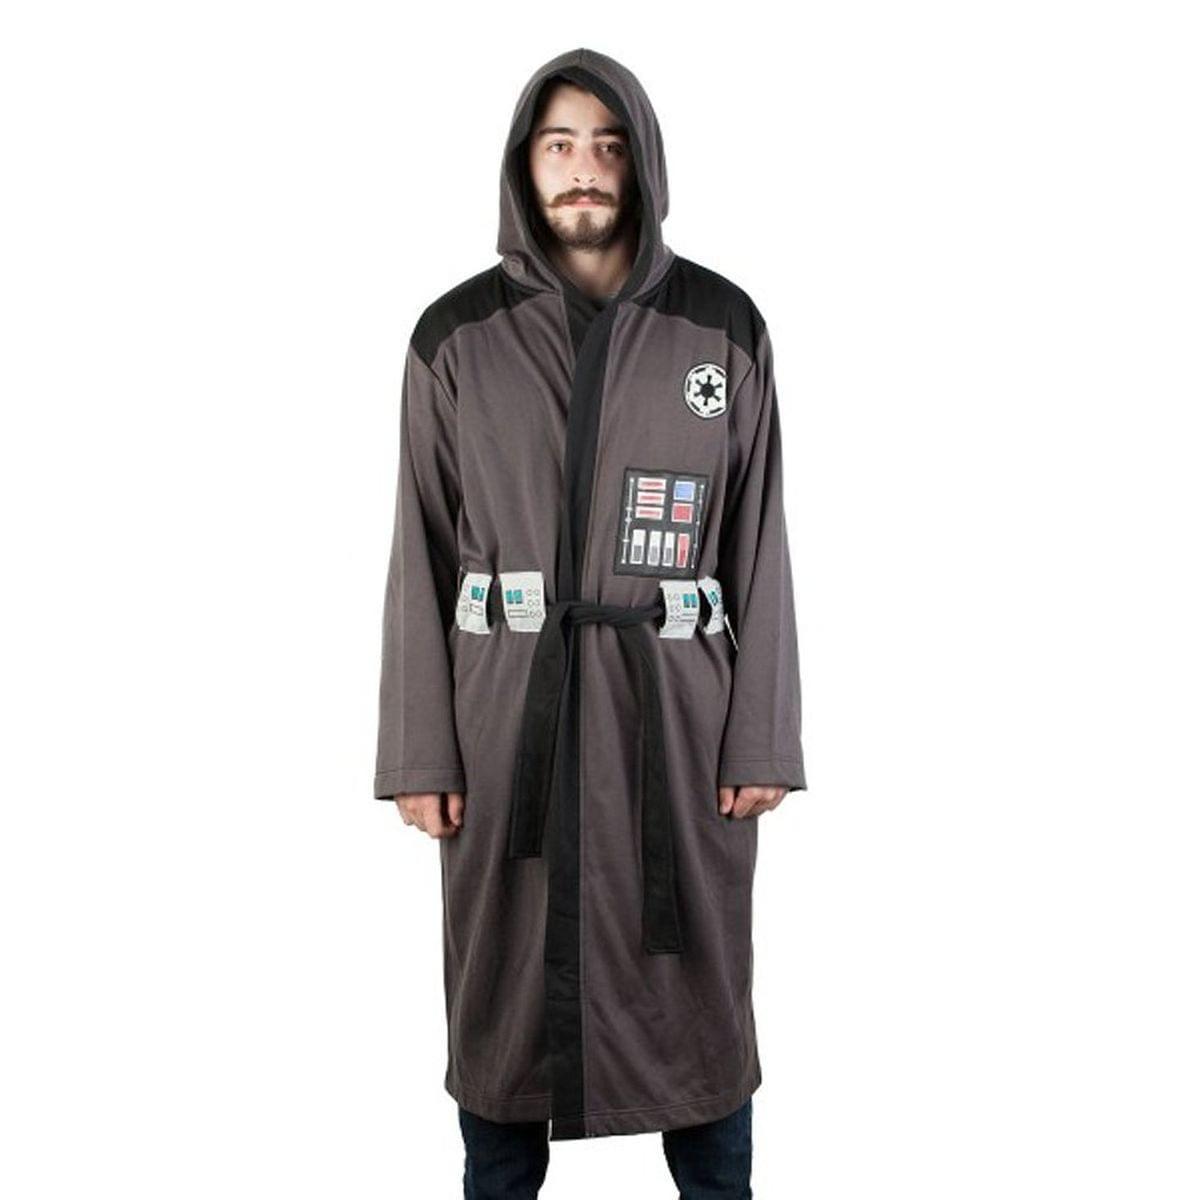 Star Wars Darth Vader Adult Bath Robe Small/ Medium